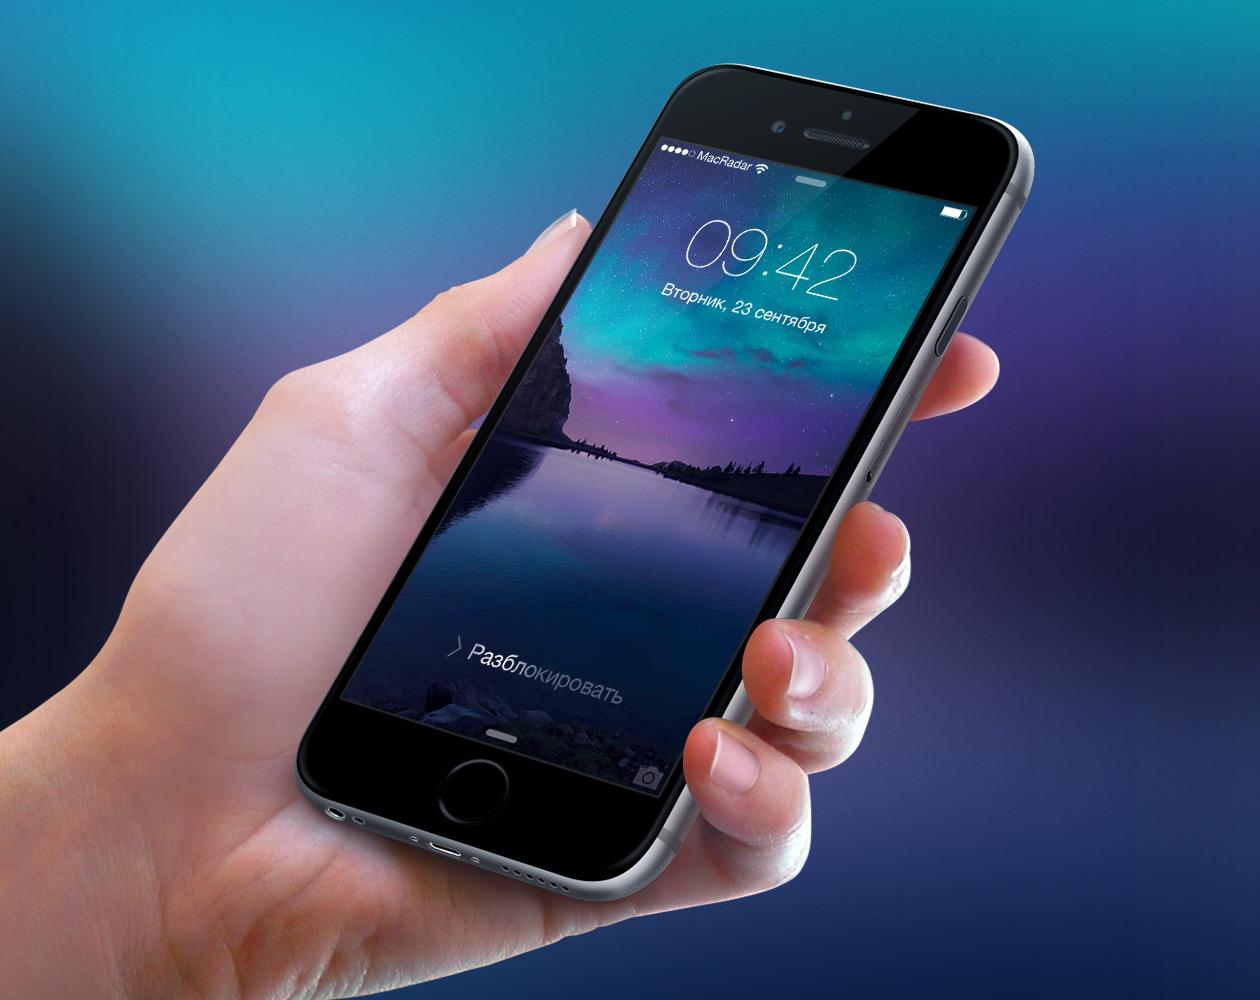 Обои для iPhone 6 и 6s: фоны в Full HD